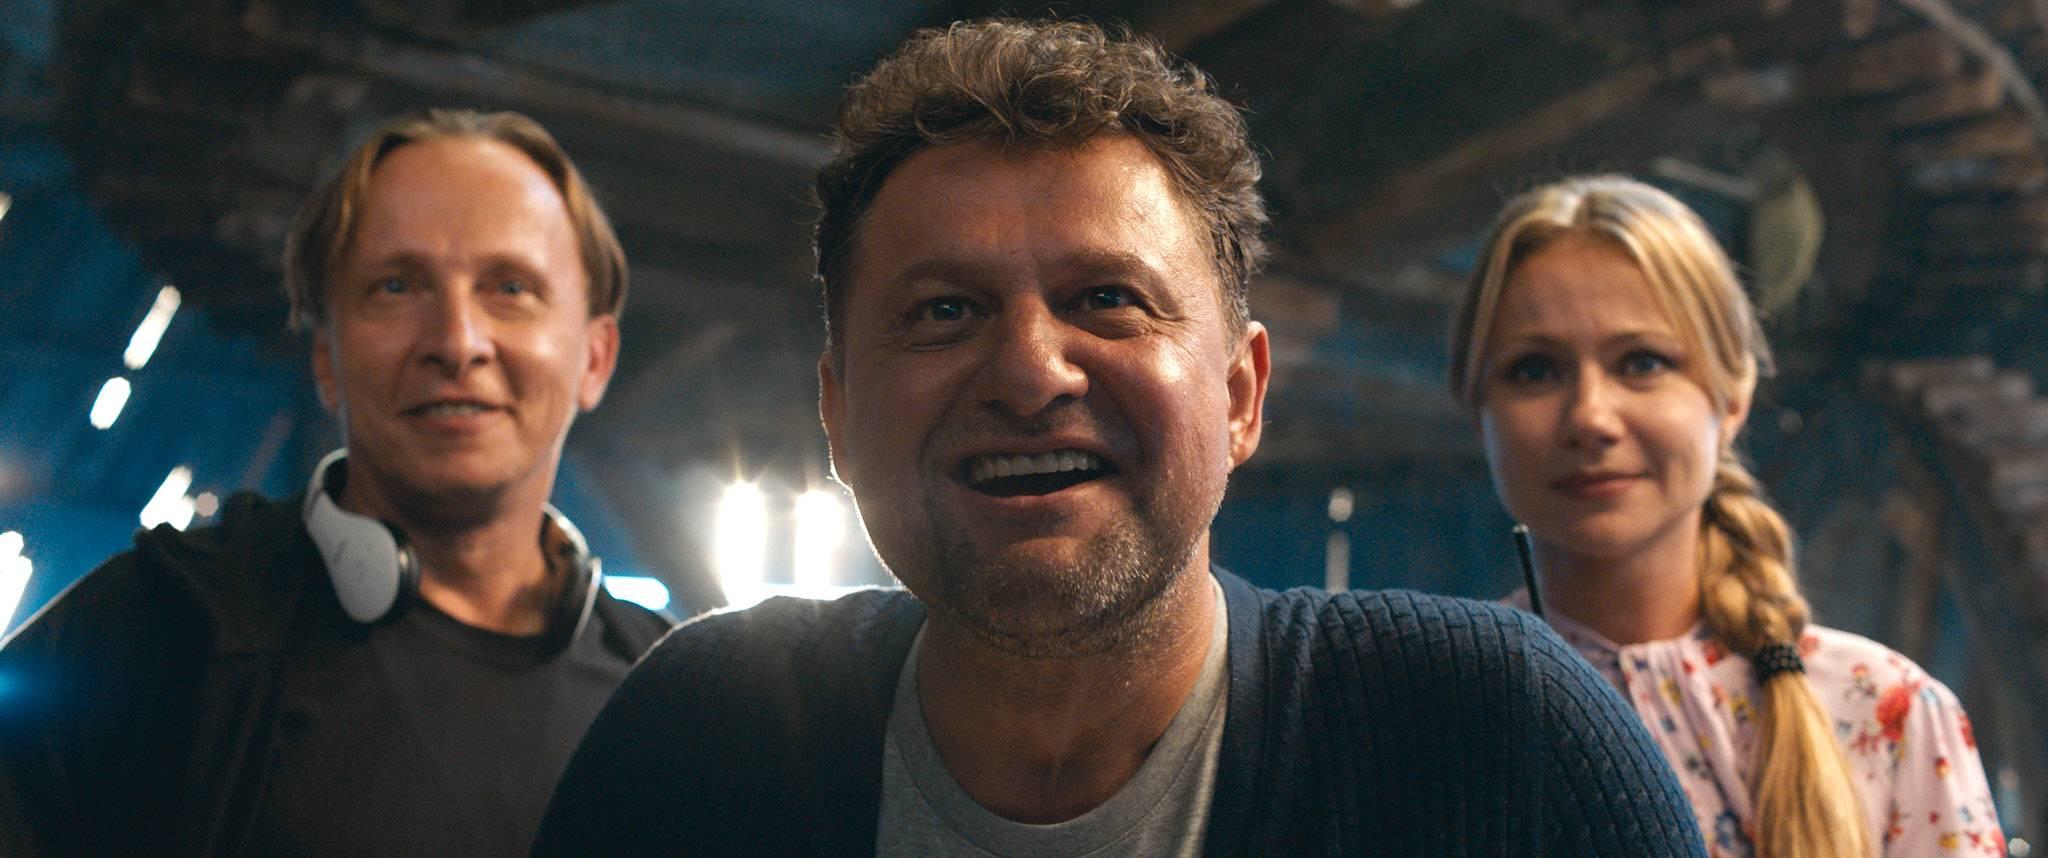 Генпродюсер фильма «Холоп» прокомментировал кассовый успех комедии